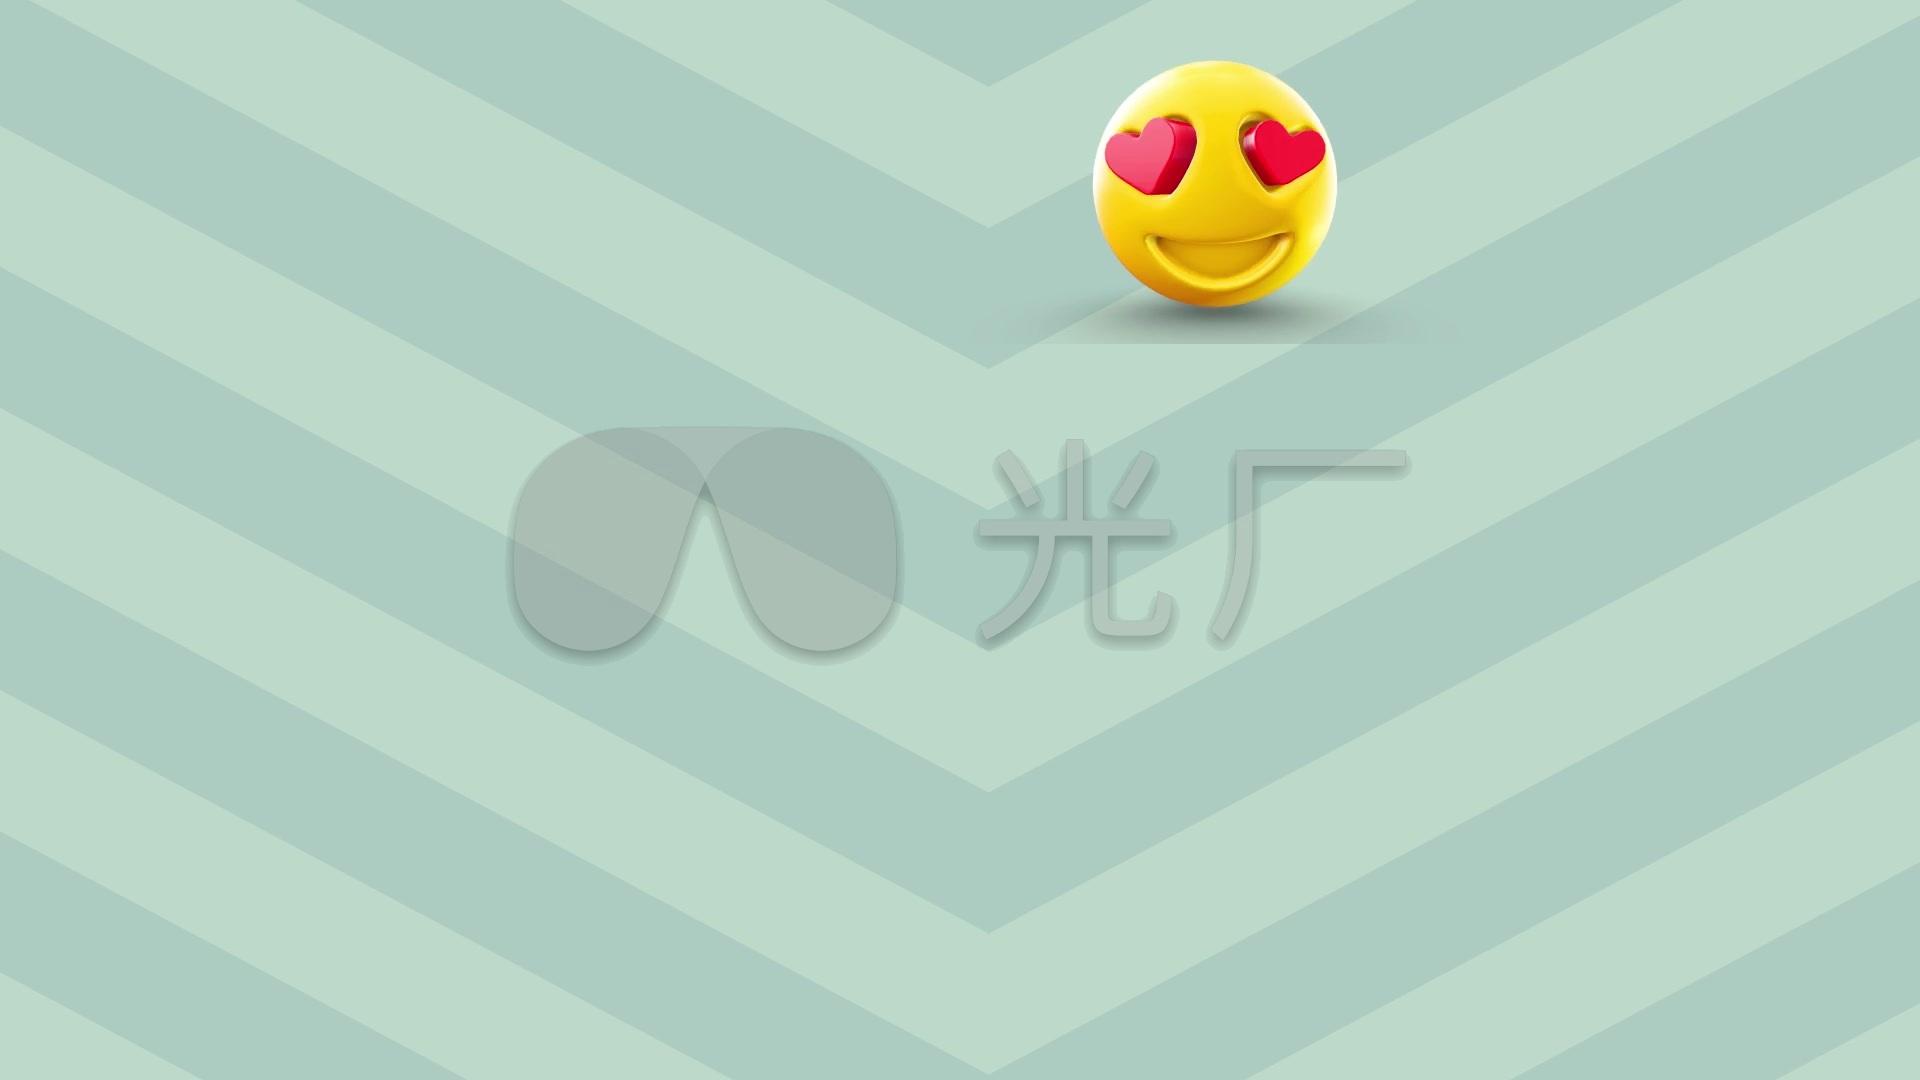 【2018最新】emoji图片下落表情_1920X10802018表情a图片新年动画包图片